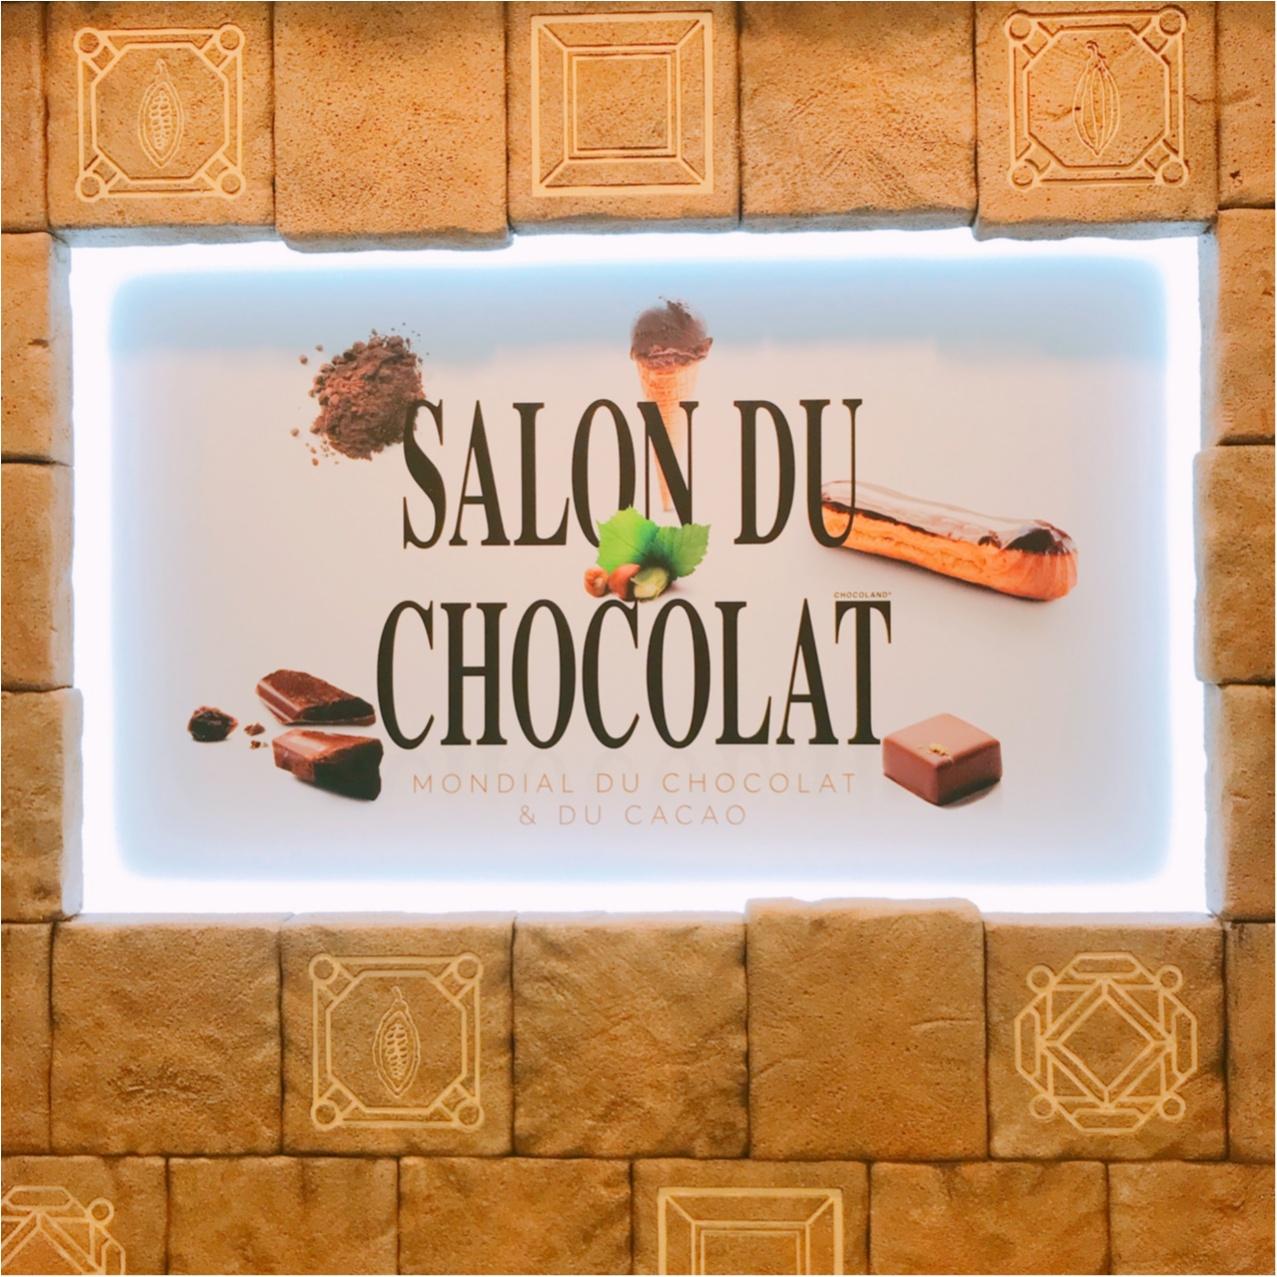 パリ発、チョコレートの祭典♡【SALON DU CHOCOLAT 2018(サロン・デュ・ショコラ)】に行くべき3つの理由!_1